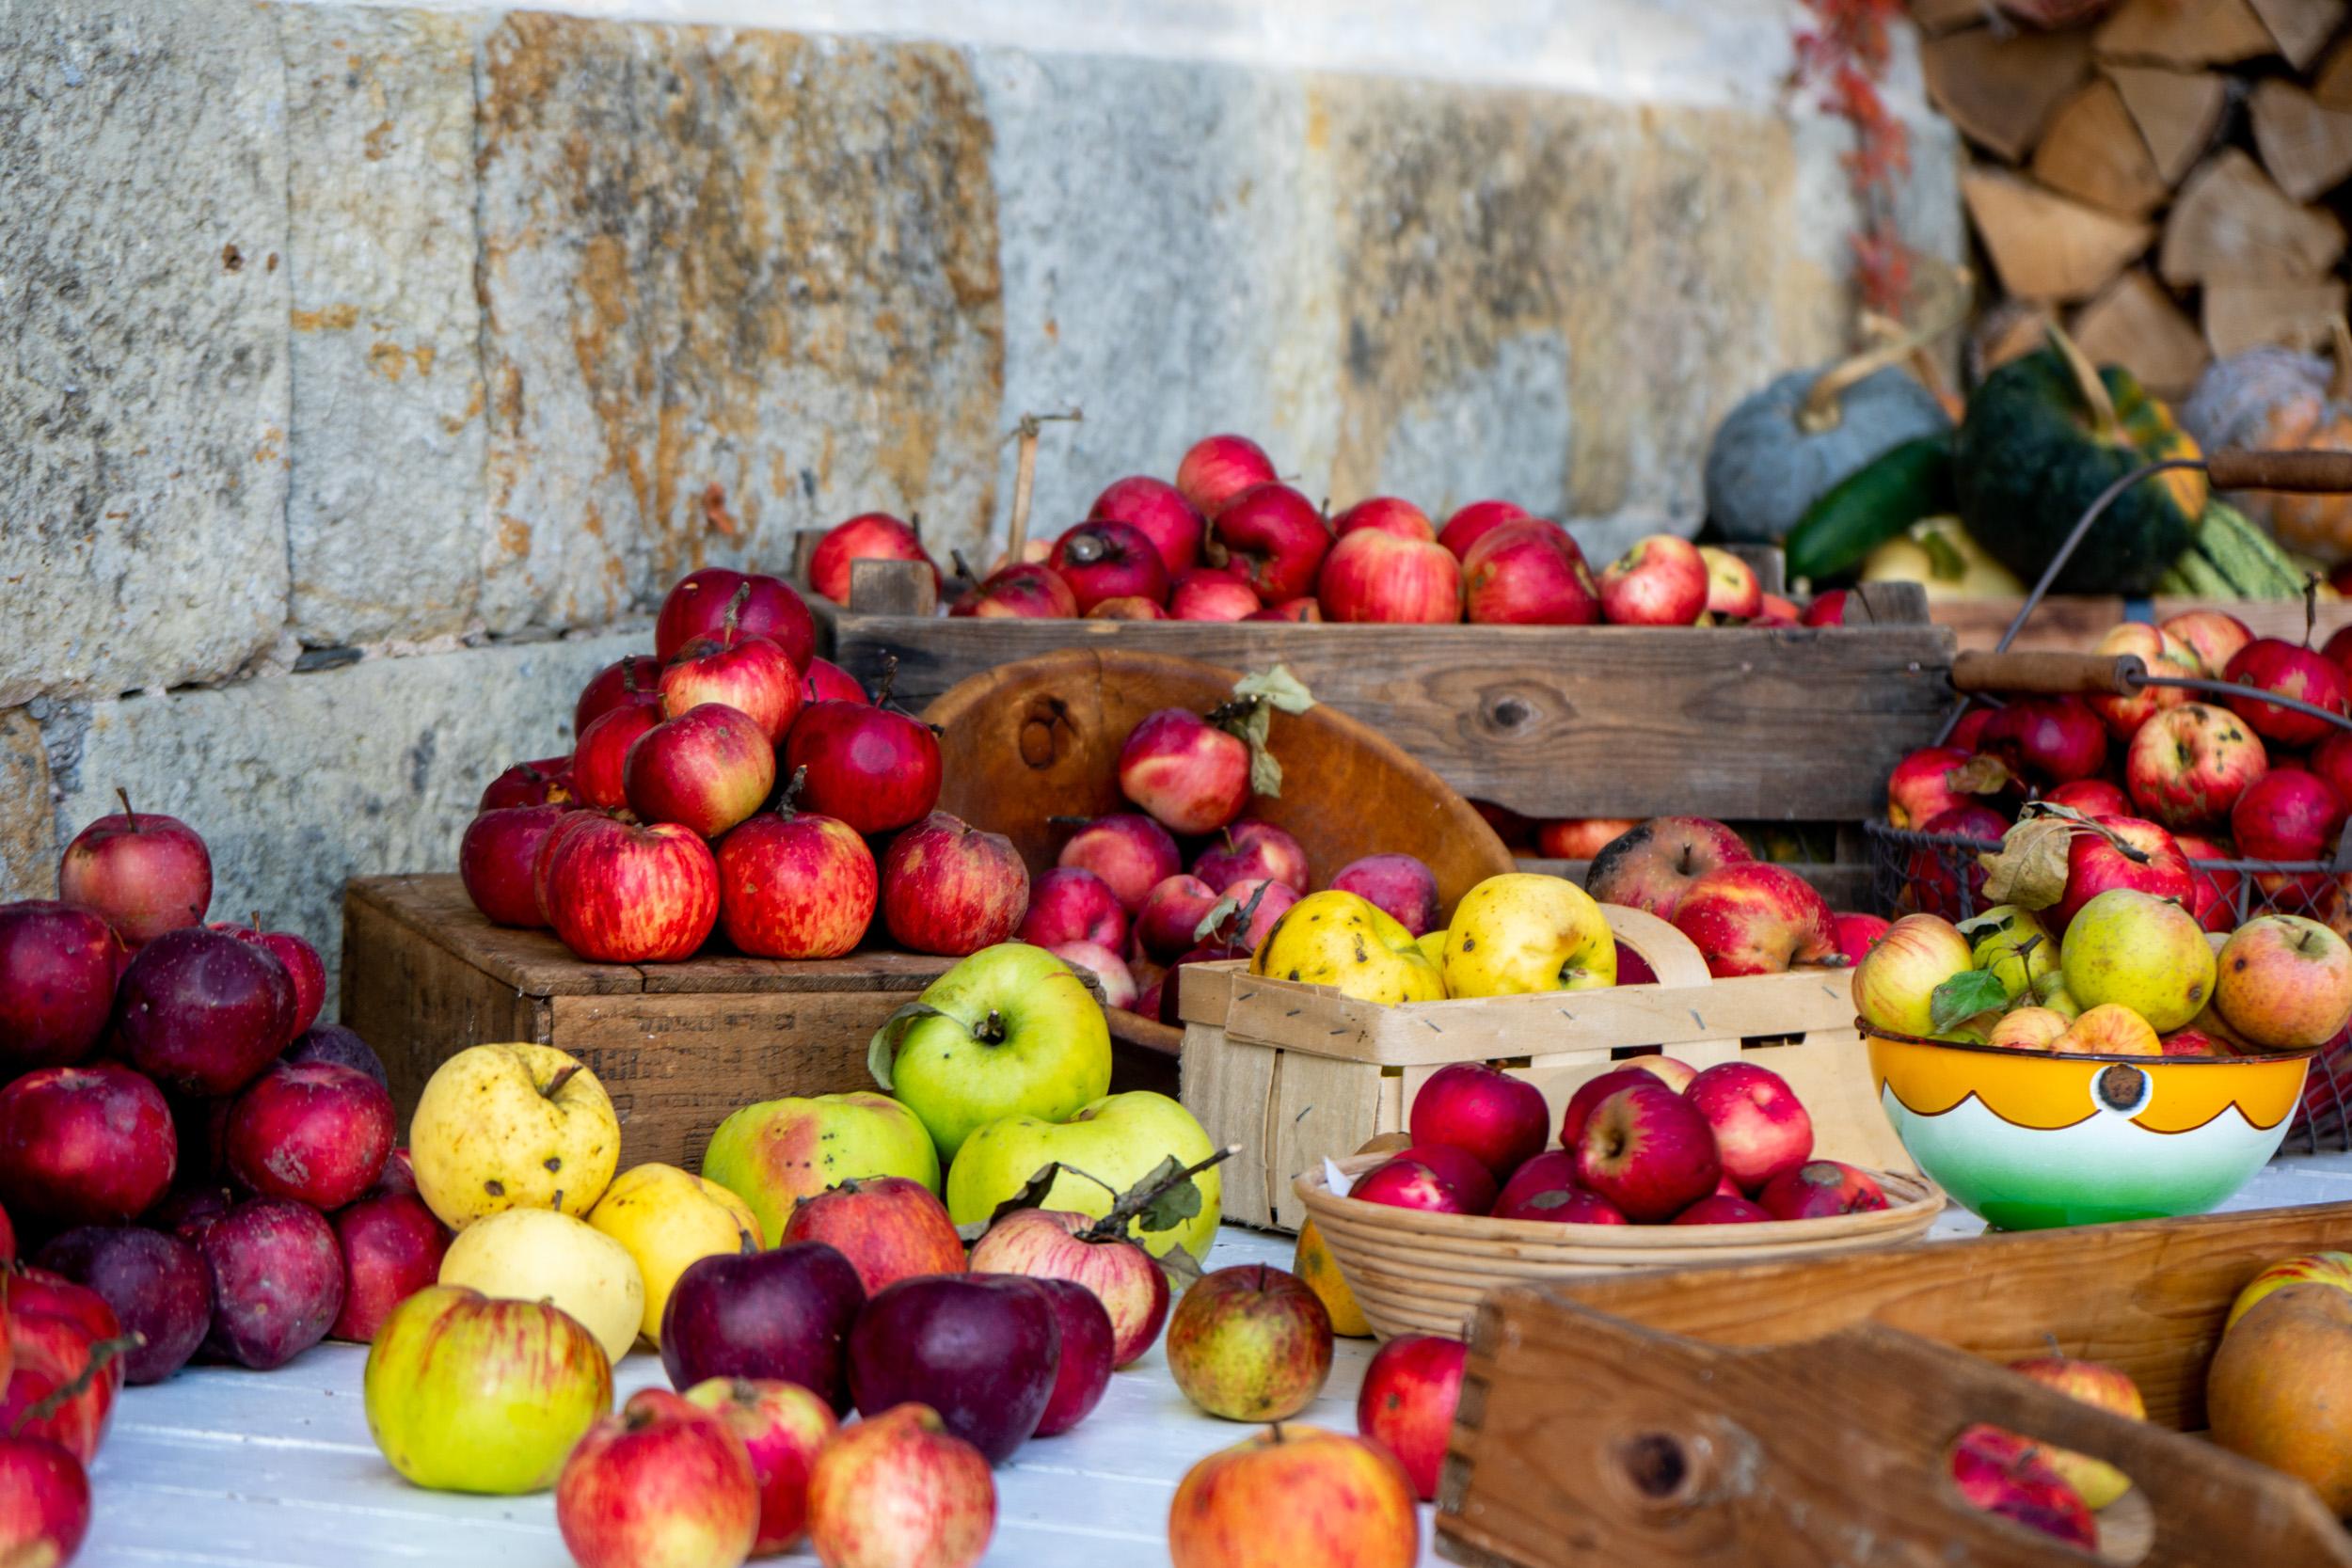 O zachování původních odrůd ovocných stromů s profi školkařem